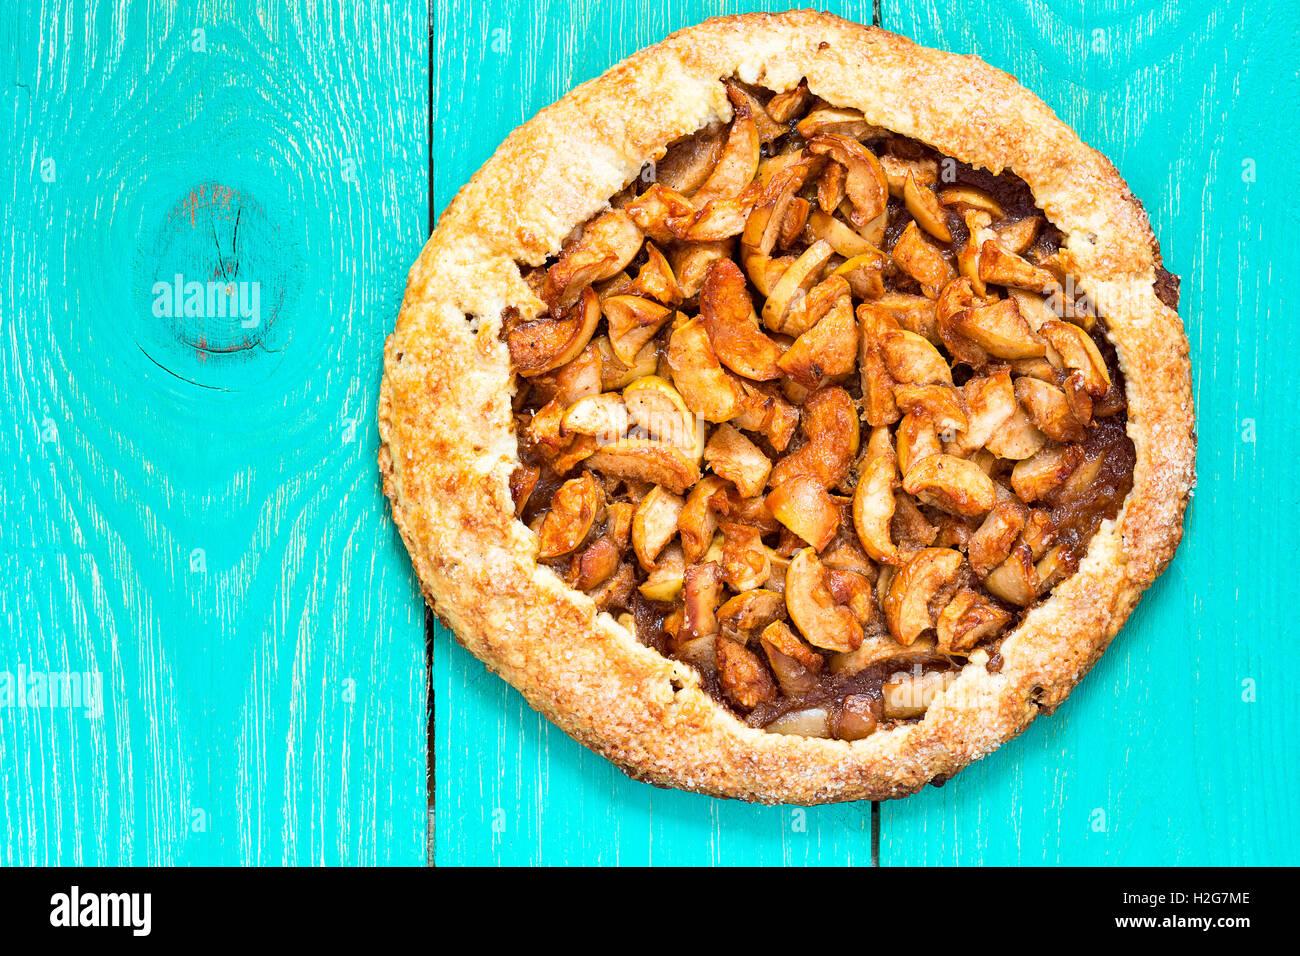 Tarte aux pommes bio faits maison vue du haut. Dessert d'automne galette de pomme, de cannelle et autres épices Photo Stock